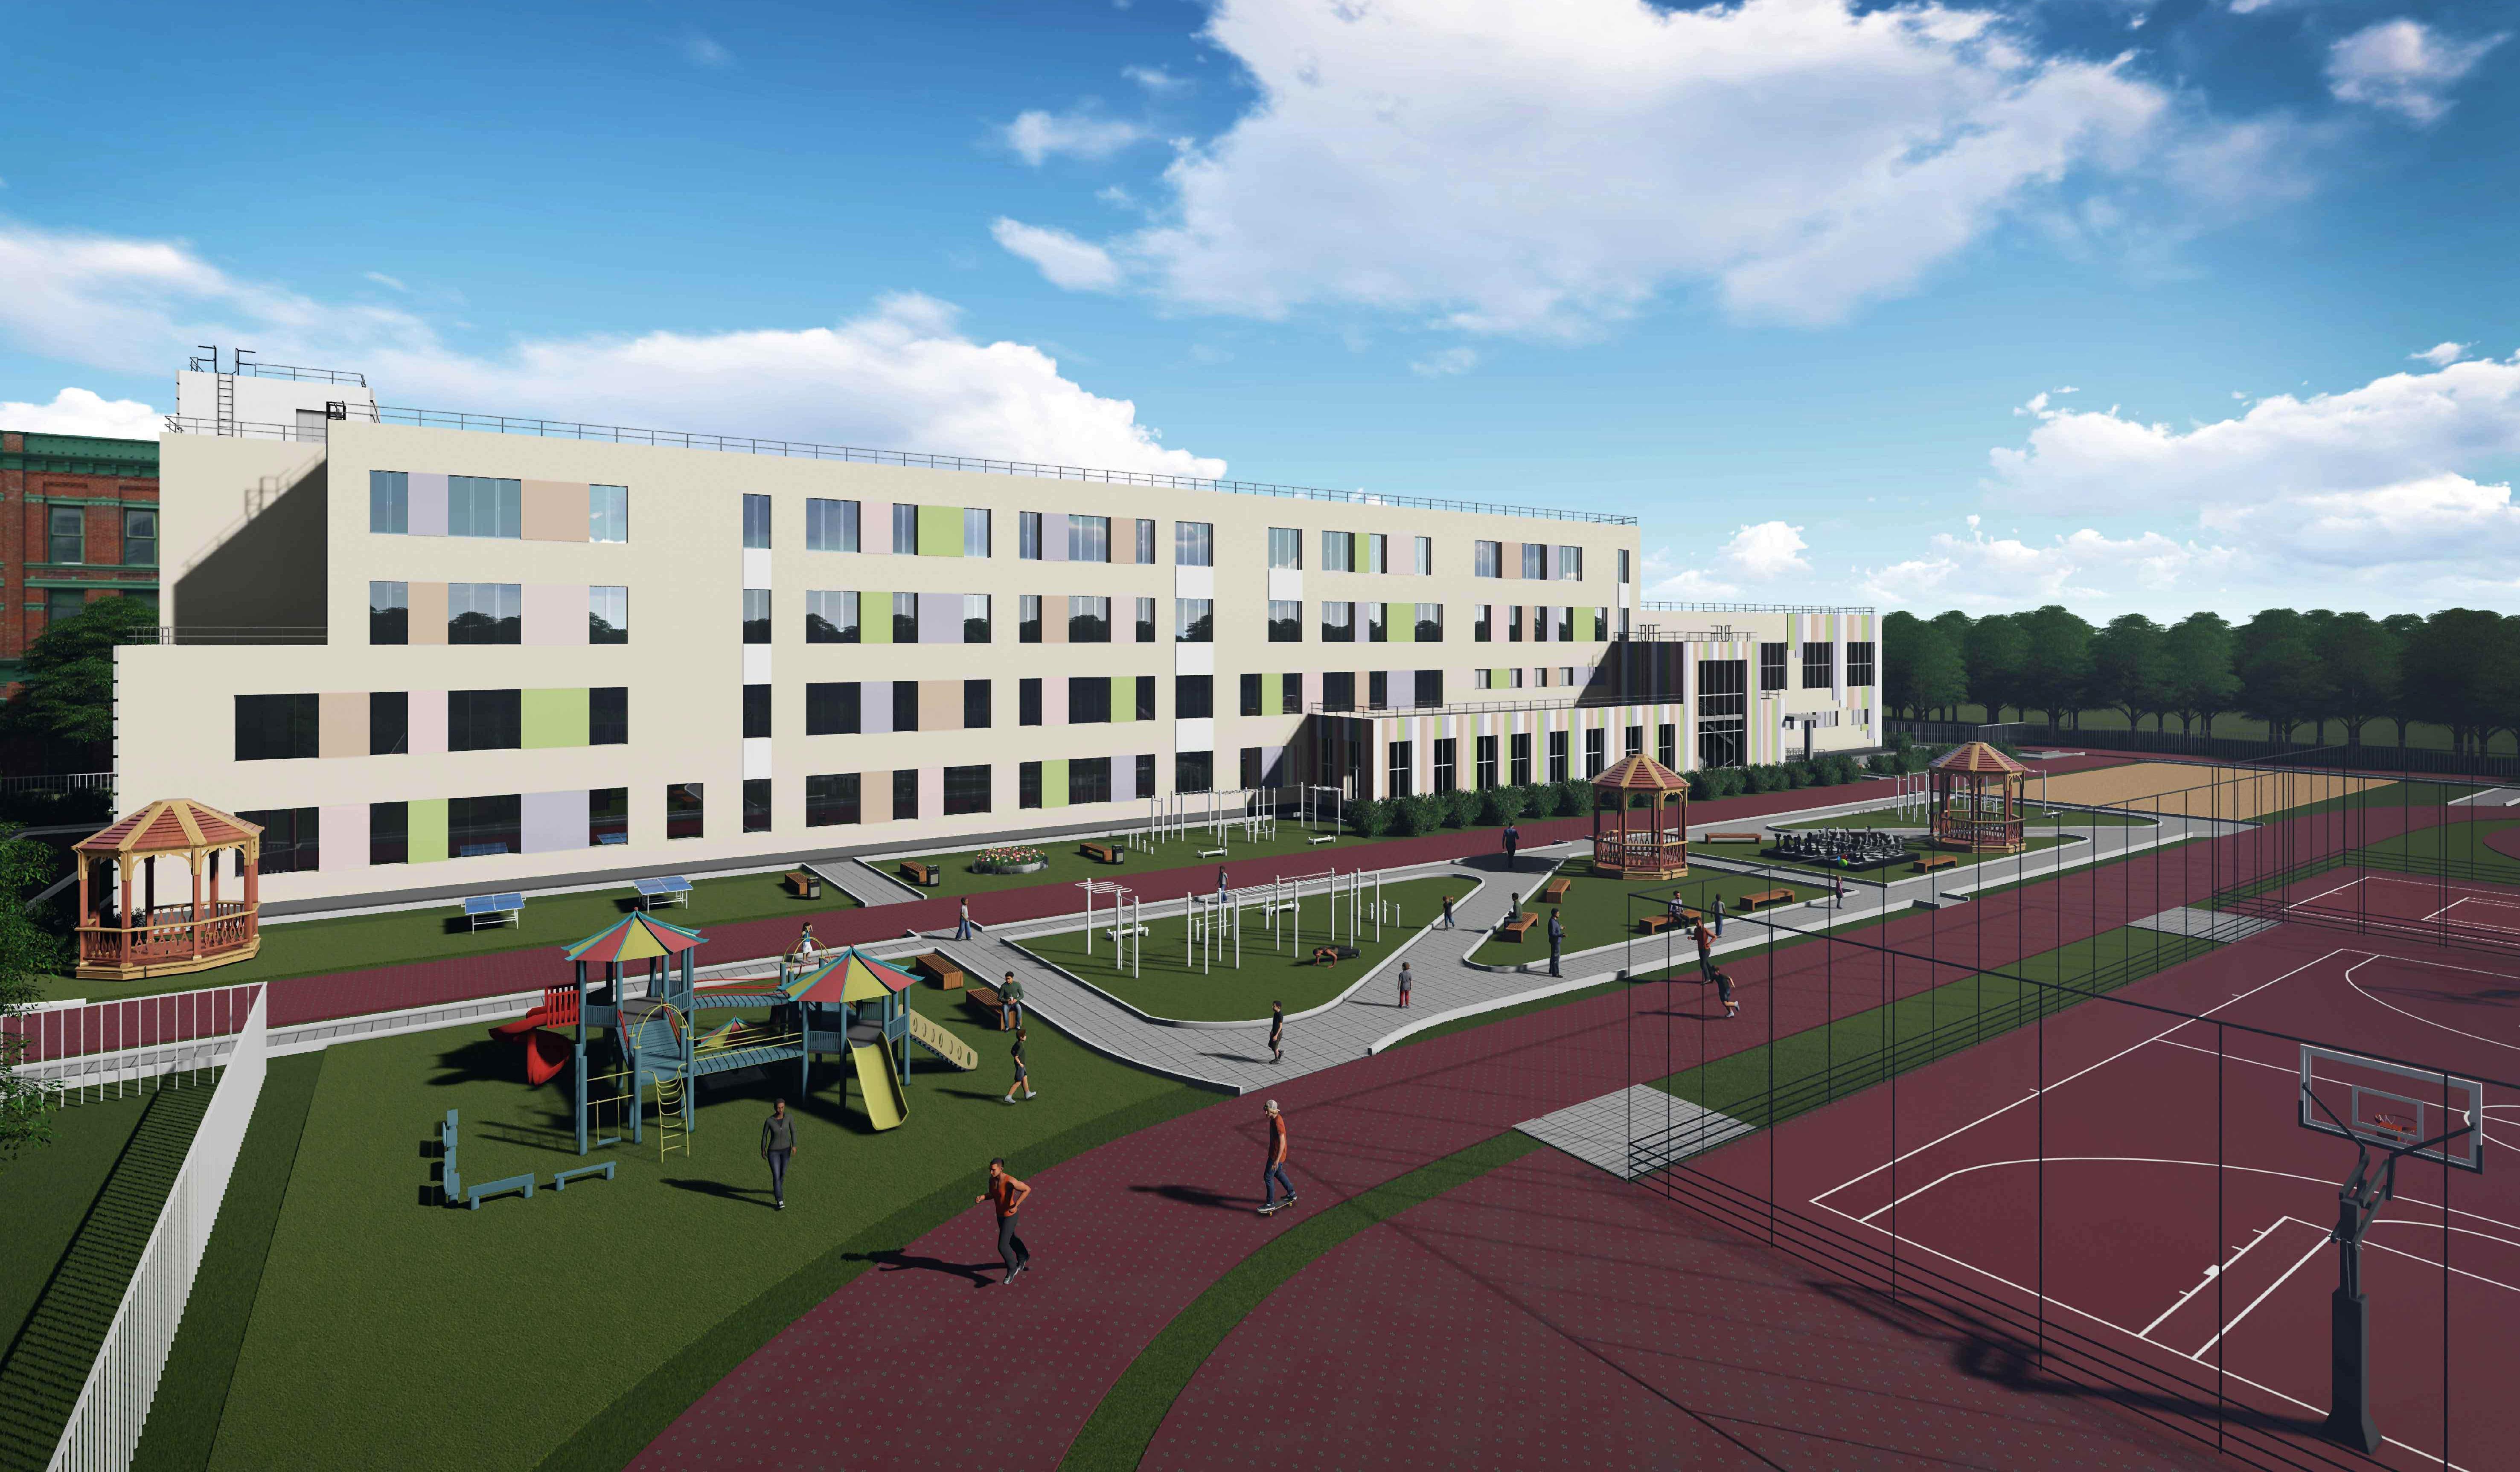 Определен подрядчик на строительство школьного корпуса гимназии №2 «Квантор» в Коломне